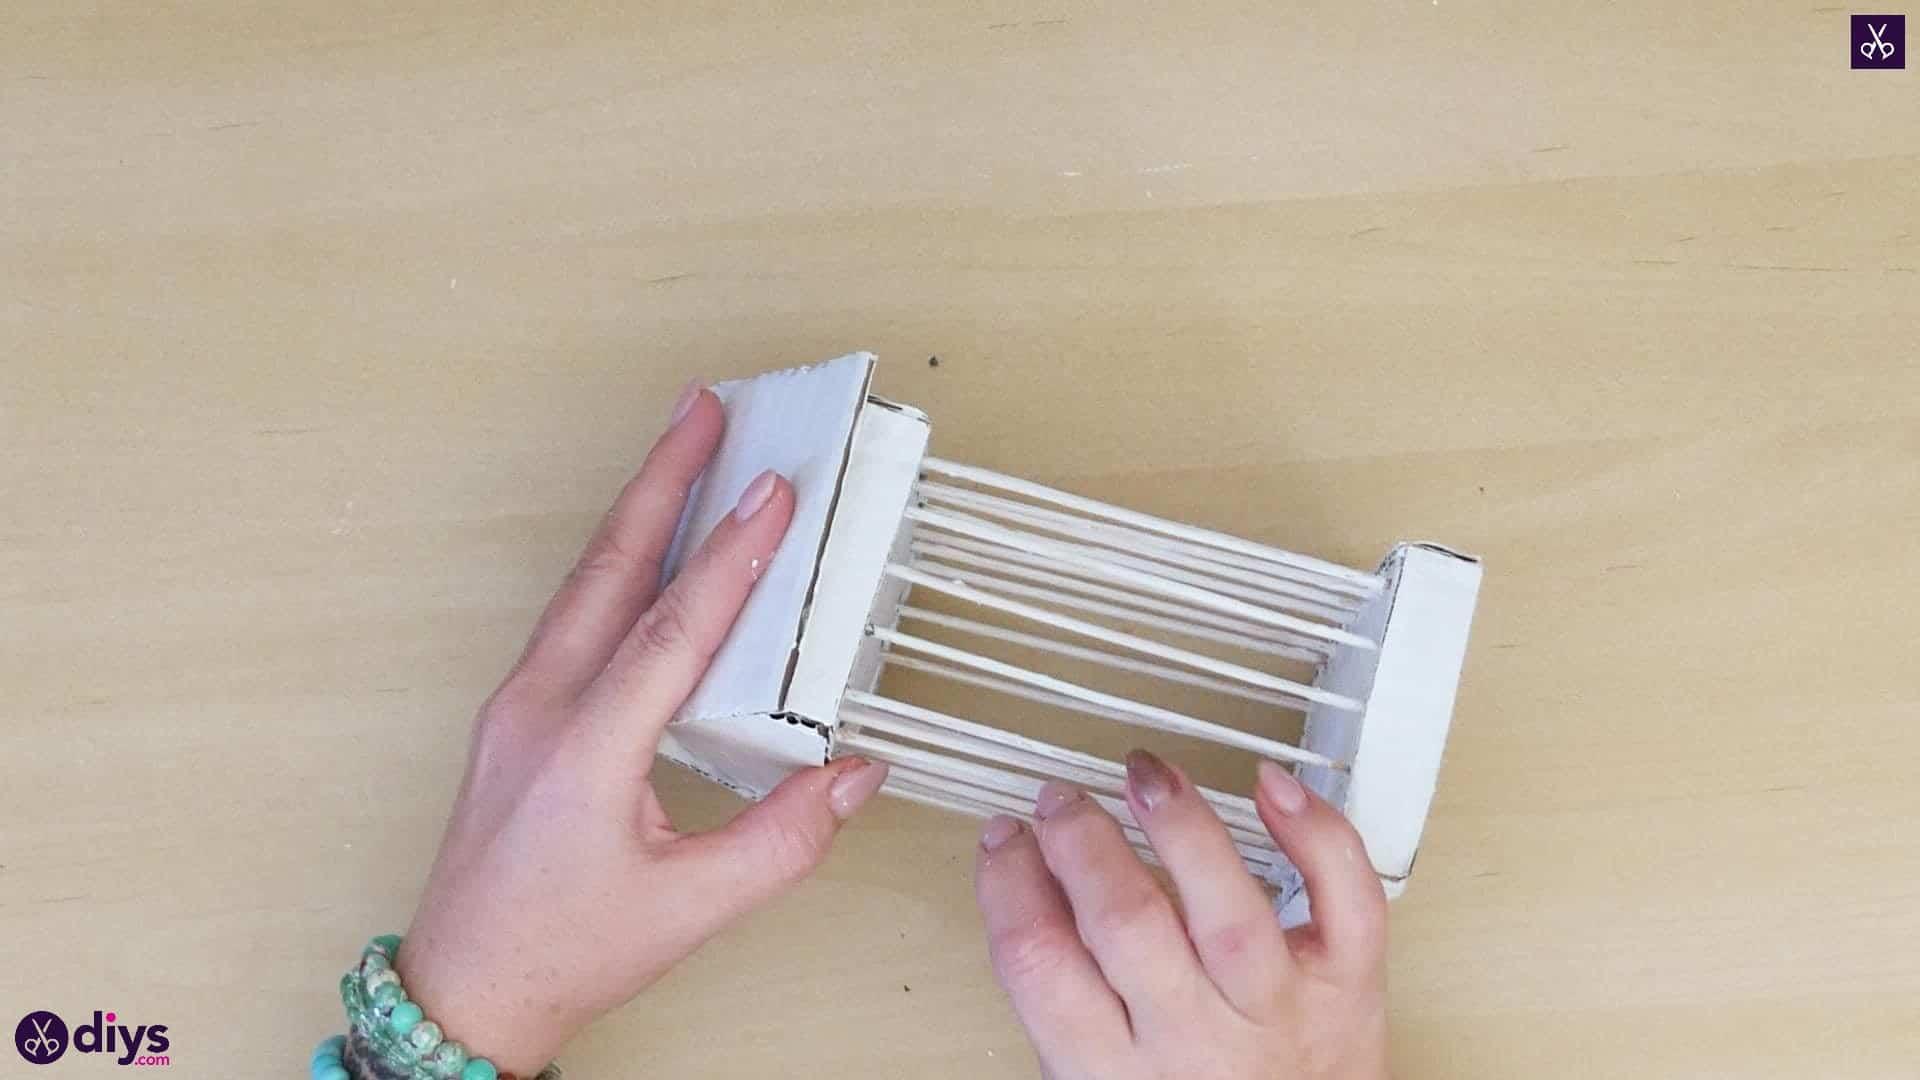 Diy miniature cage centerpiece step 9a